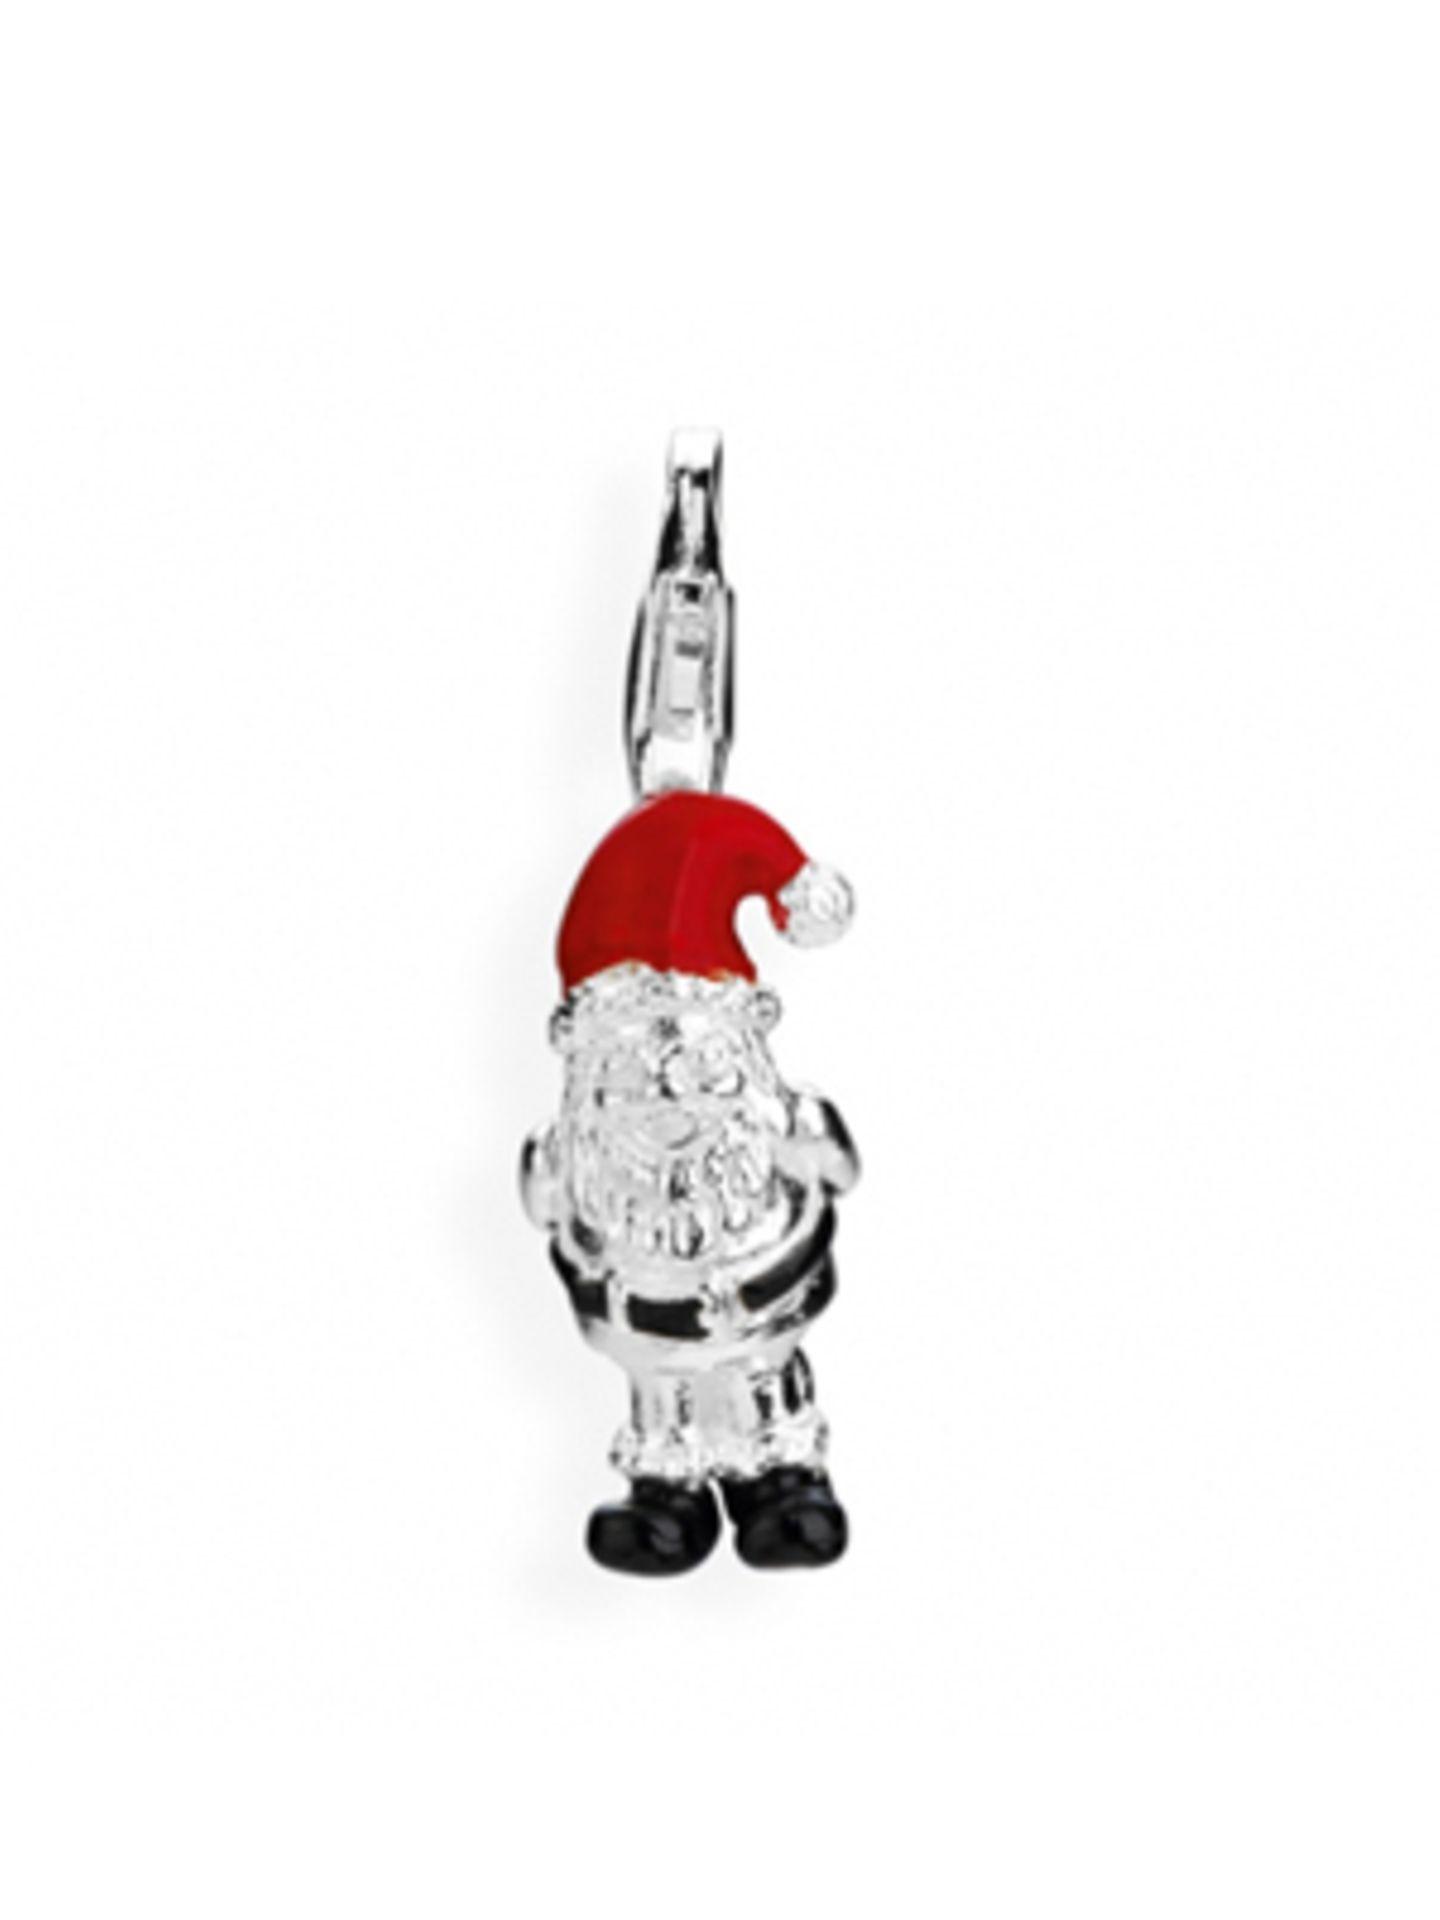 Nikolausanhänger aus Sterling Silber mit roter Mütze für's Charm-Kettchen von Heartbreaker, um 44 Euro.